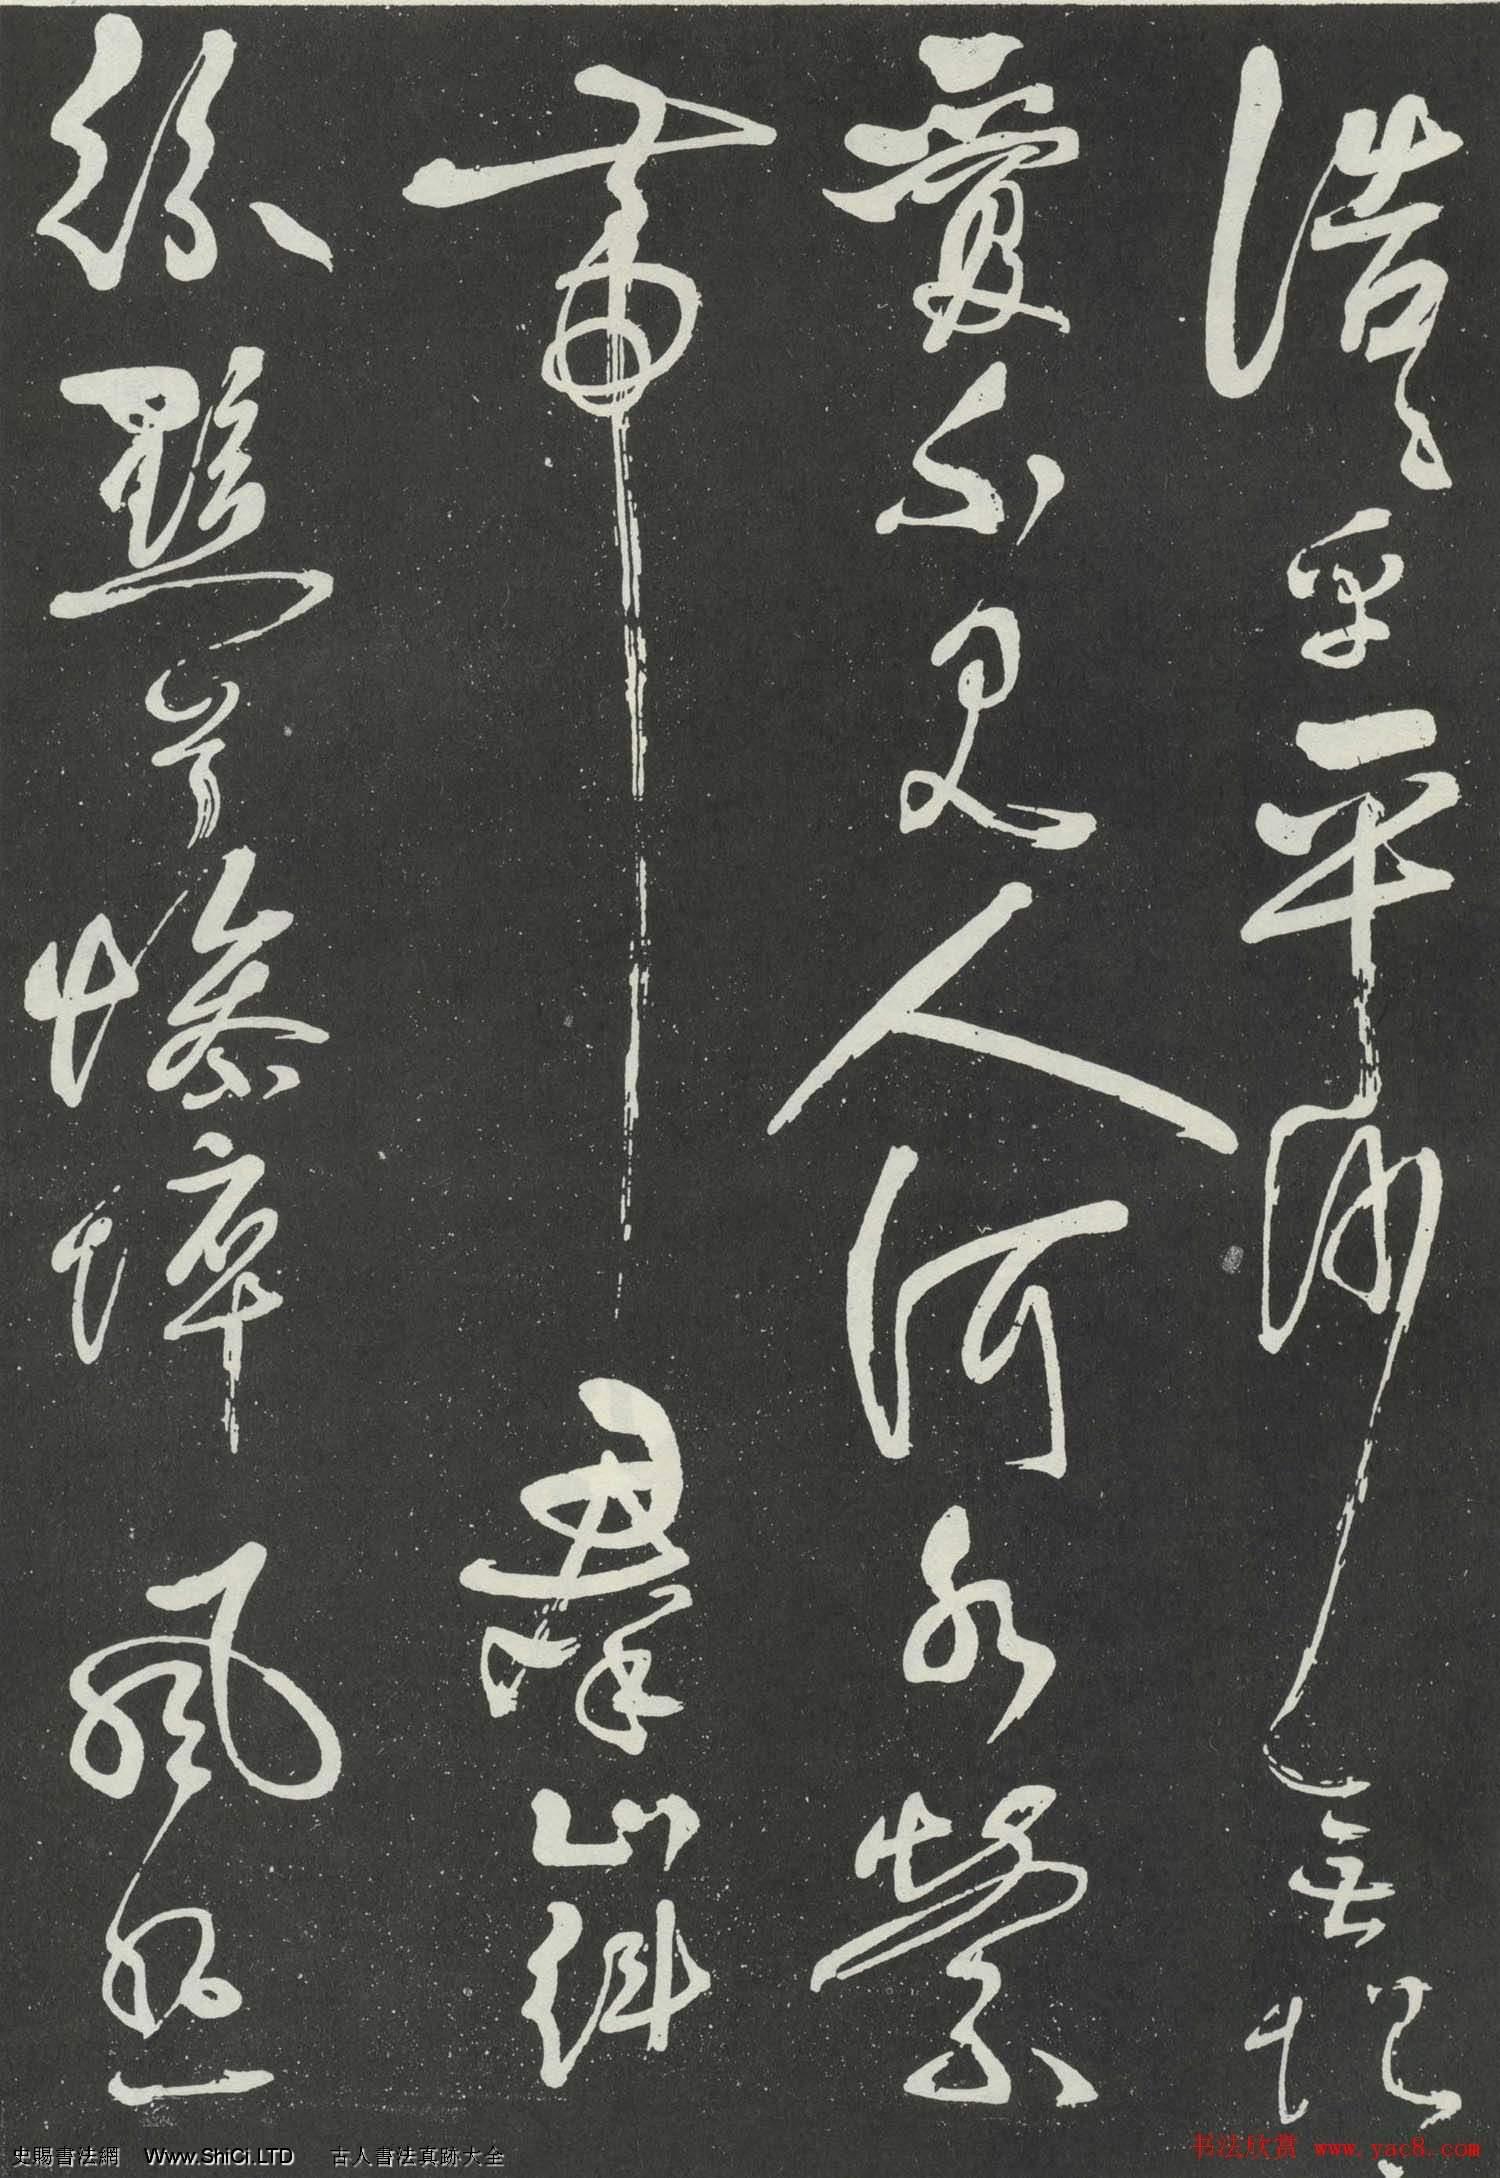 岳飛草書真跡欣賞《弔古戰場文》大圖(共10張圖片)